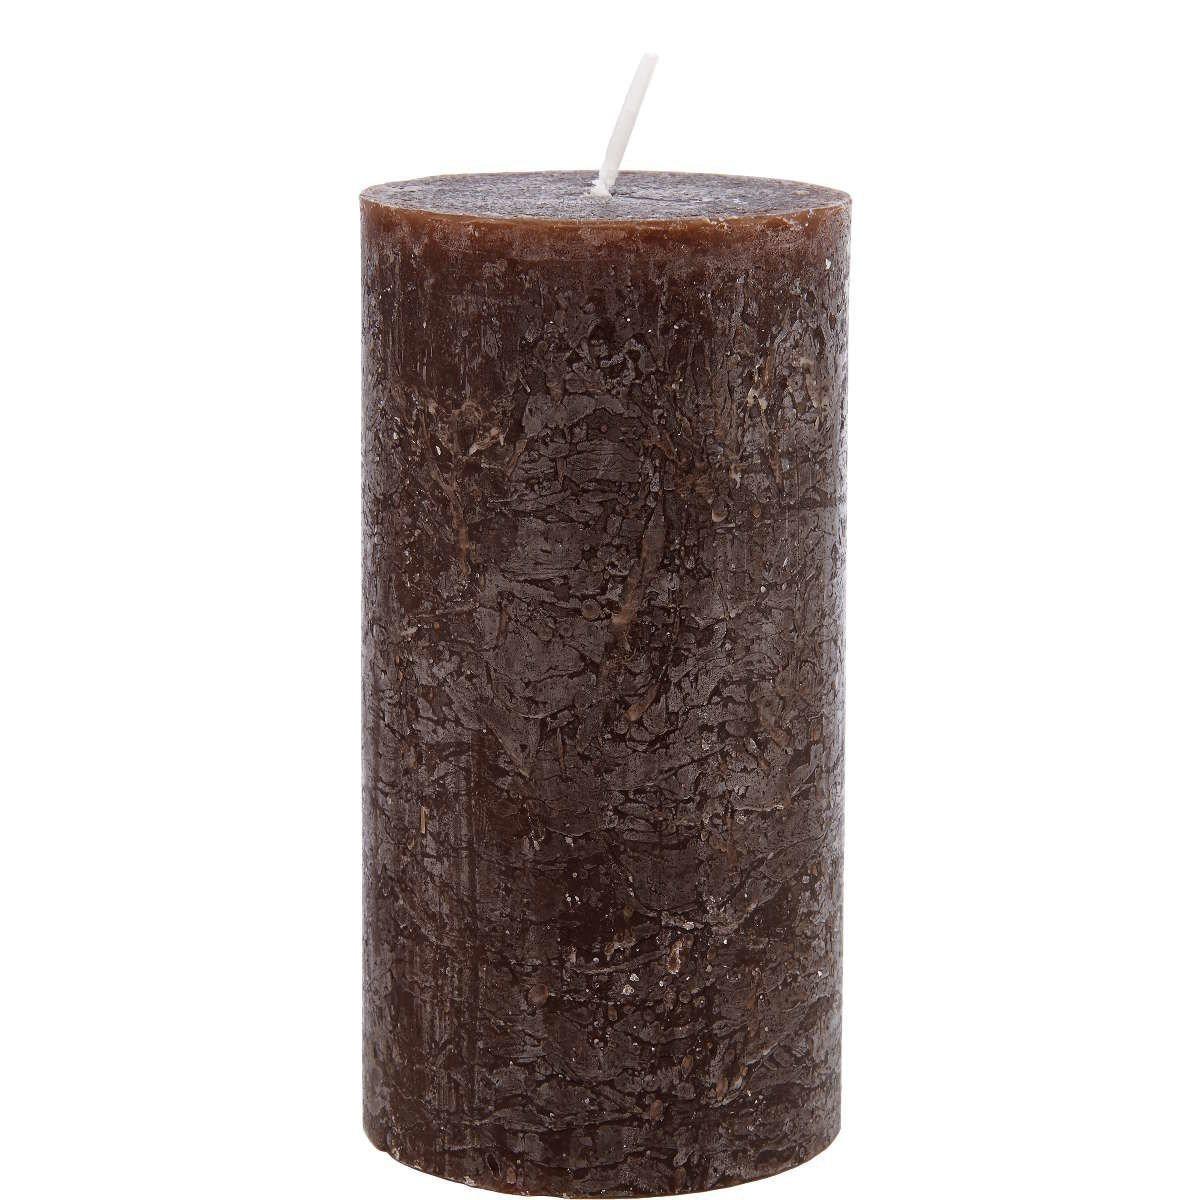 Kerzen online kaufen | Möbel-Suchmaschine | ladendirekt.de